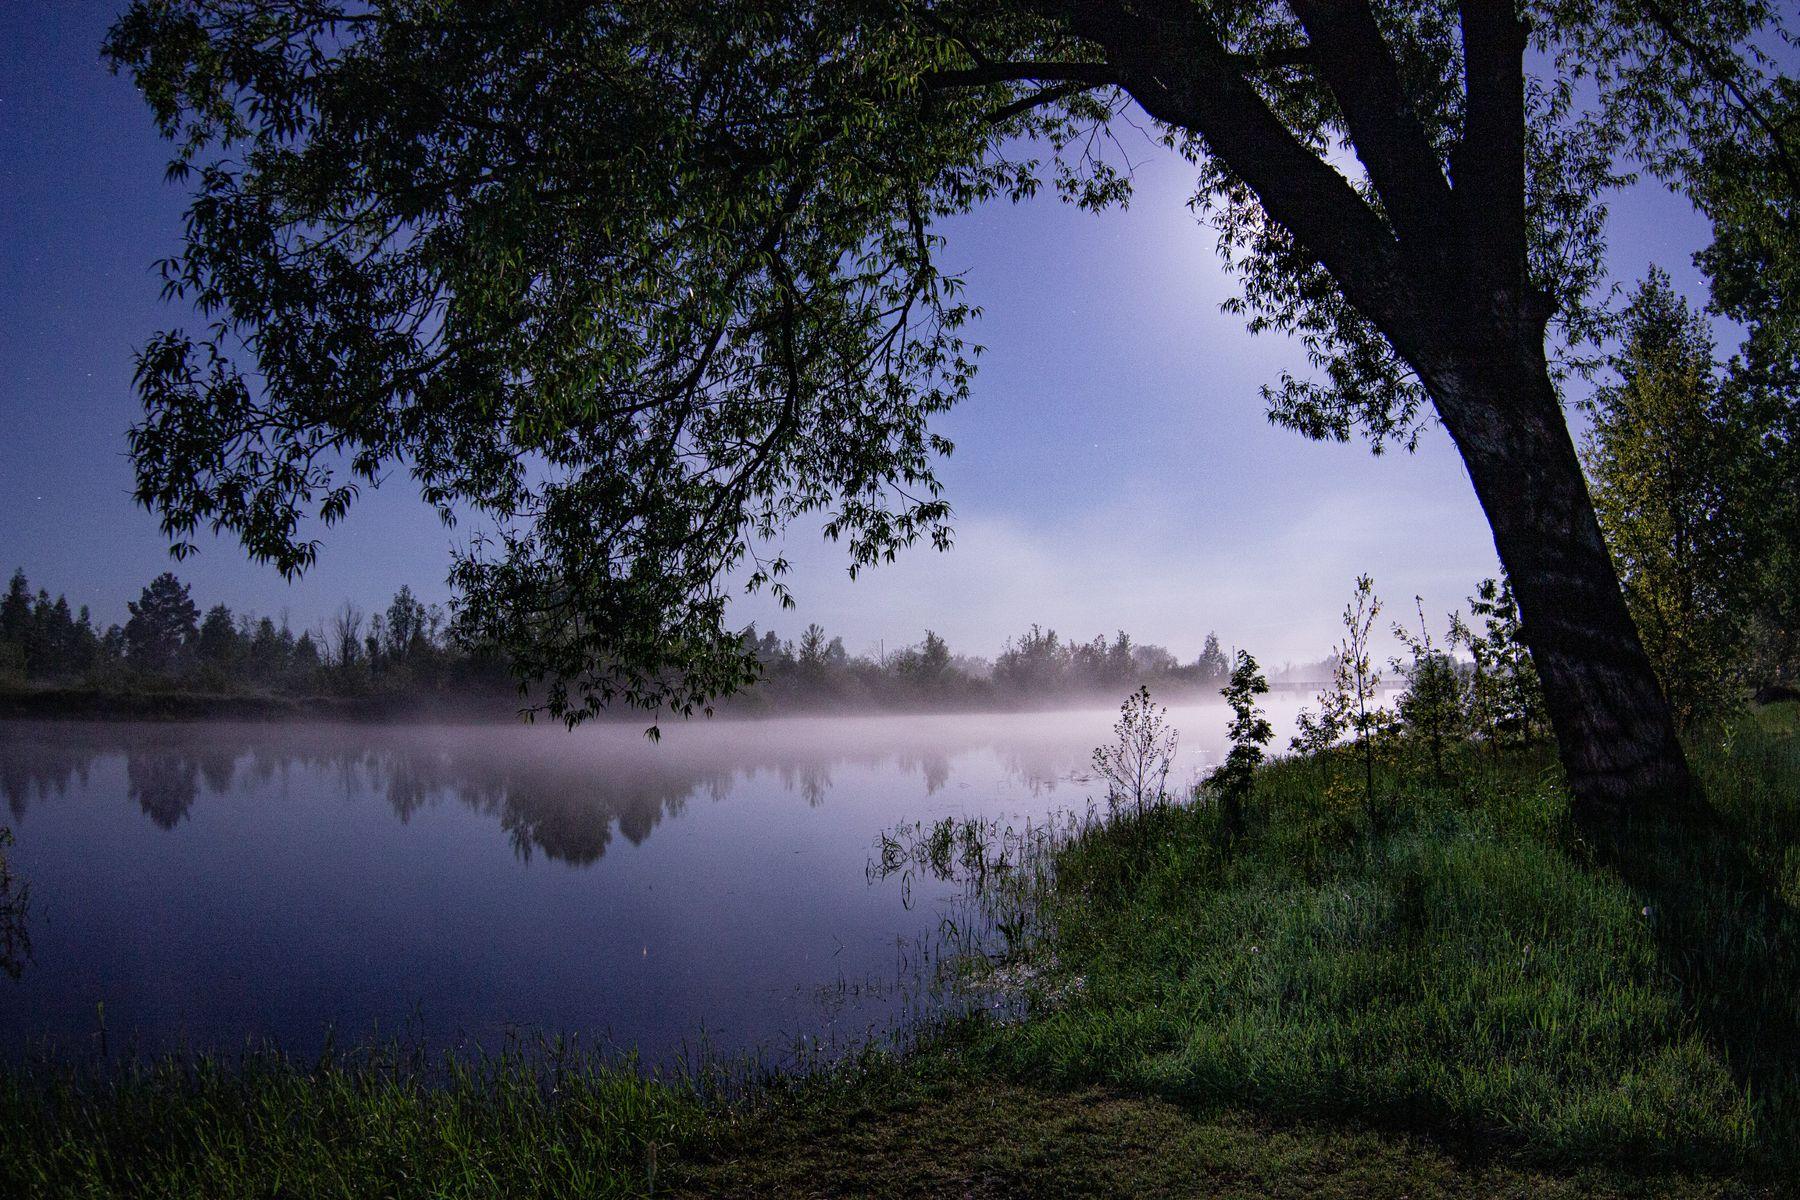 Ночной туман у реки туман река свет луна тень дерево ночь